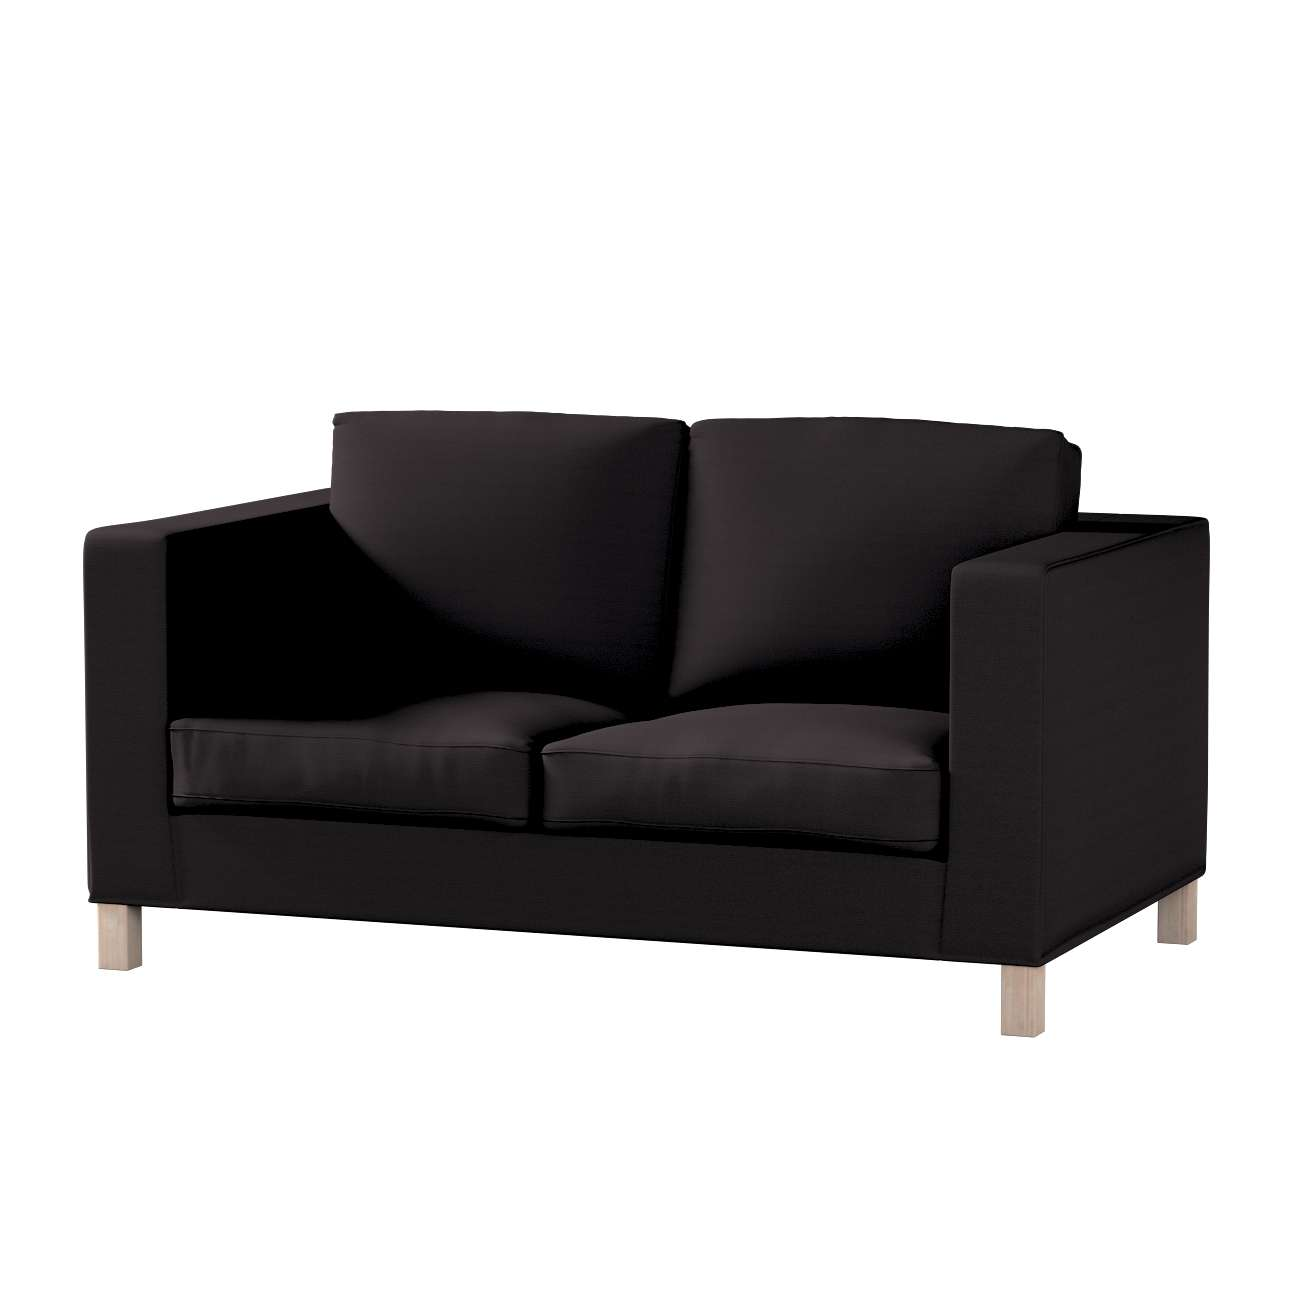 Bezug für Karlanda 2-Sitzer Sofa nicht ausklappbar, kurz von der Kollektion Cotton Panama, Stoff: 702-08